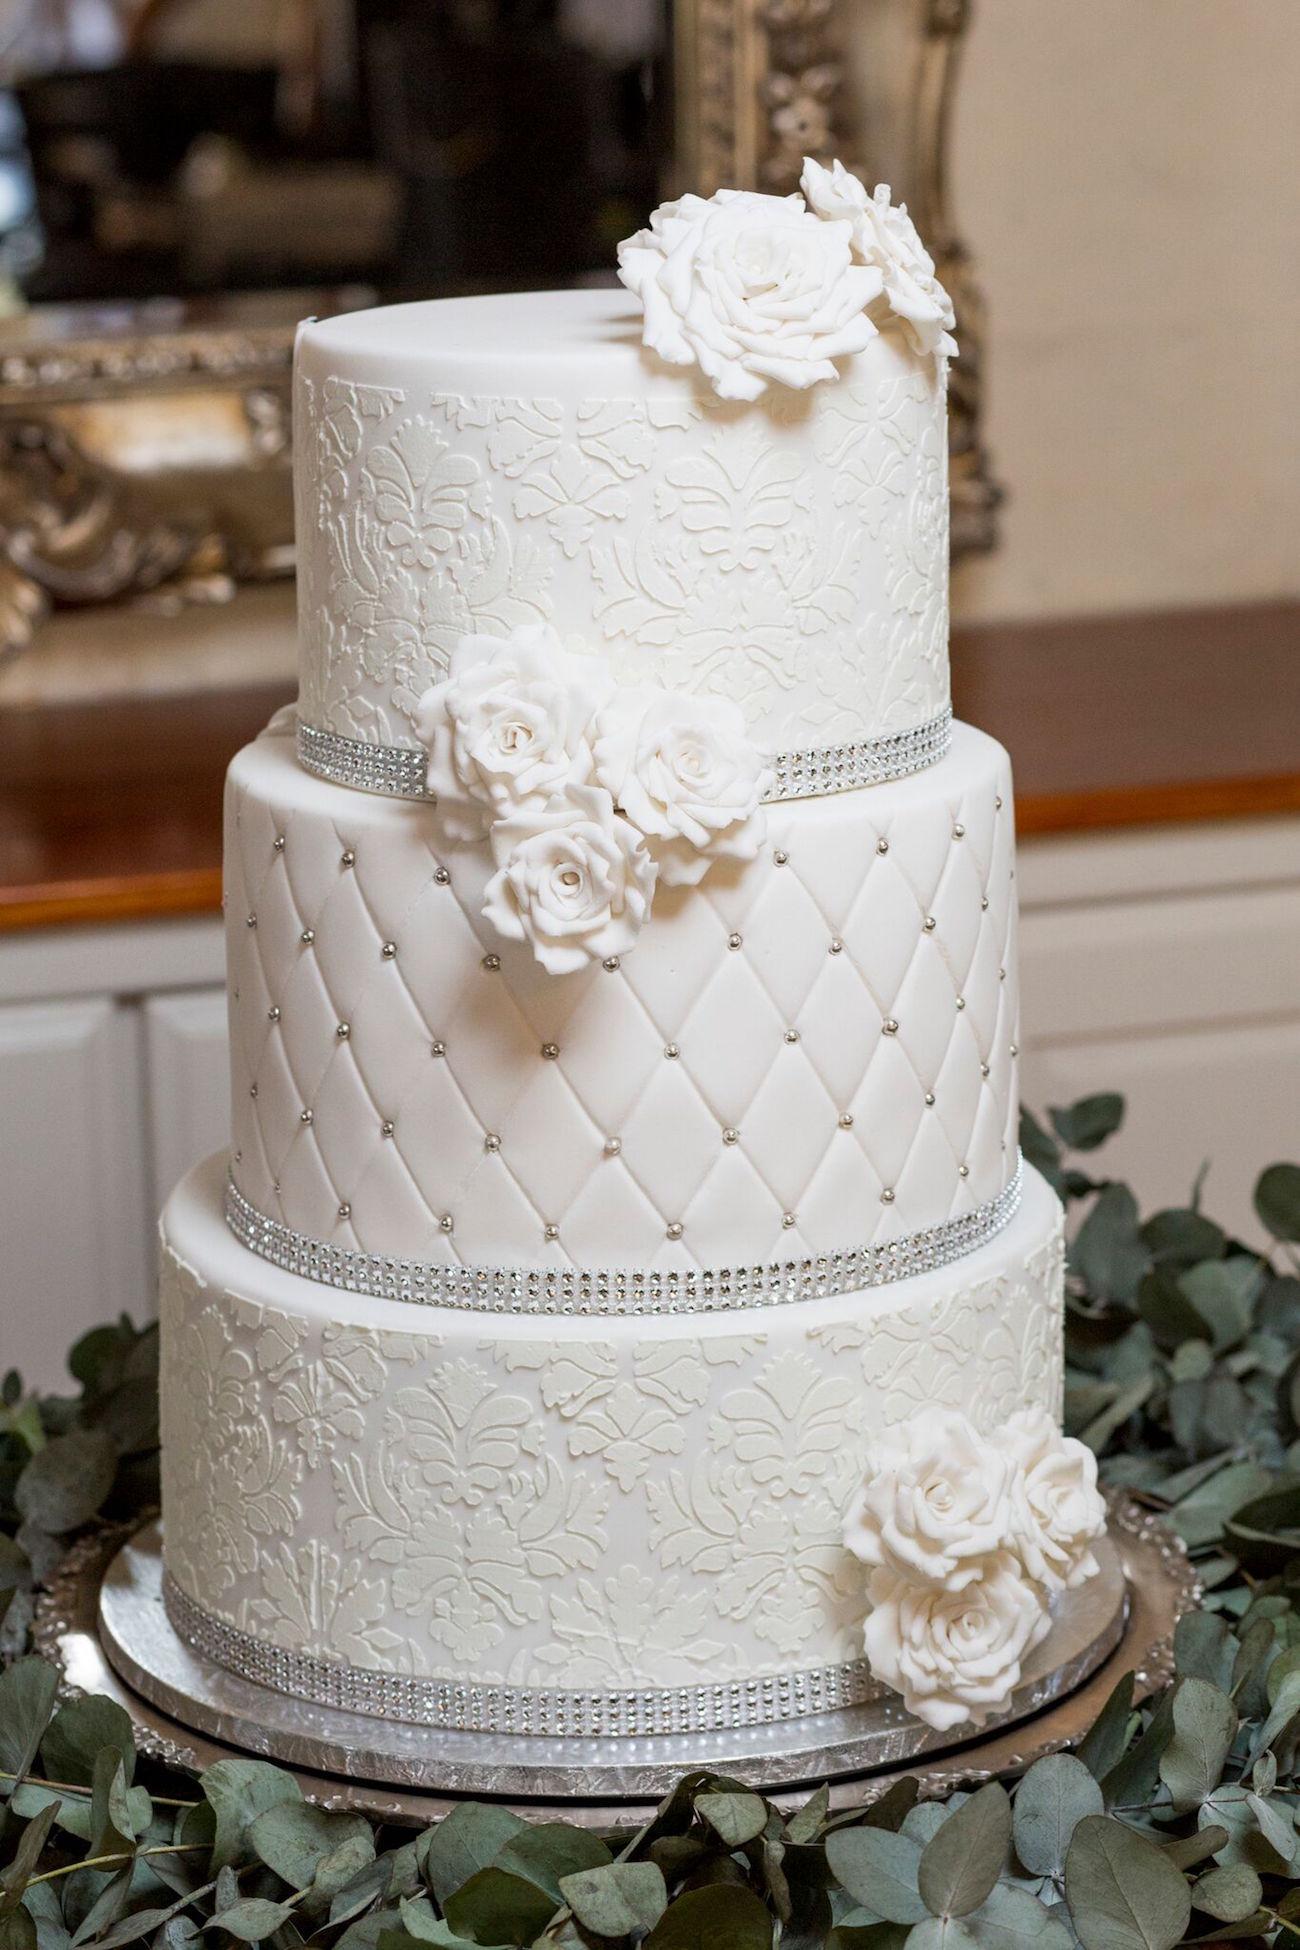 Classic White Wedding Cake | Image: Daniel West